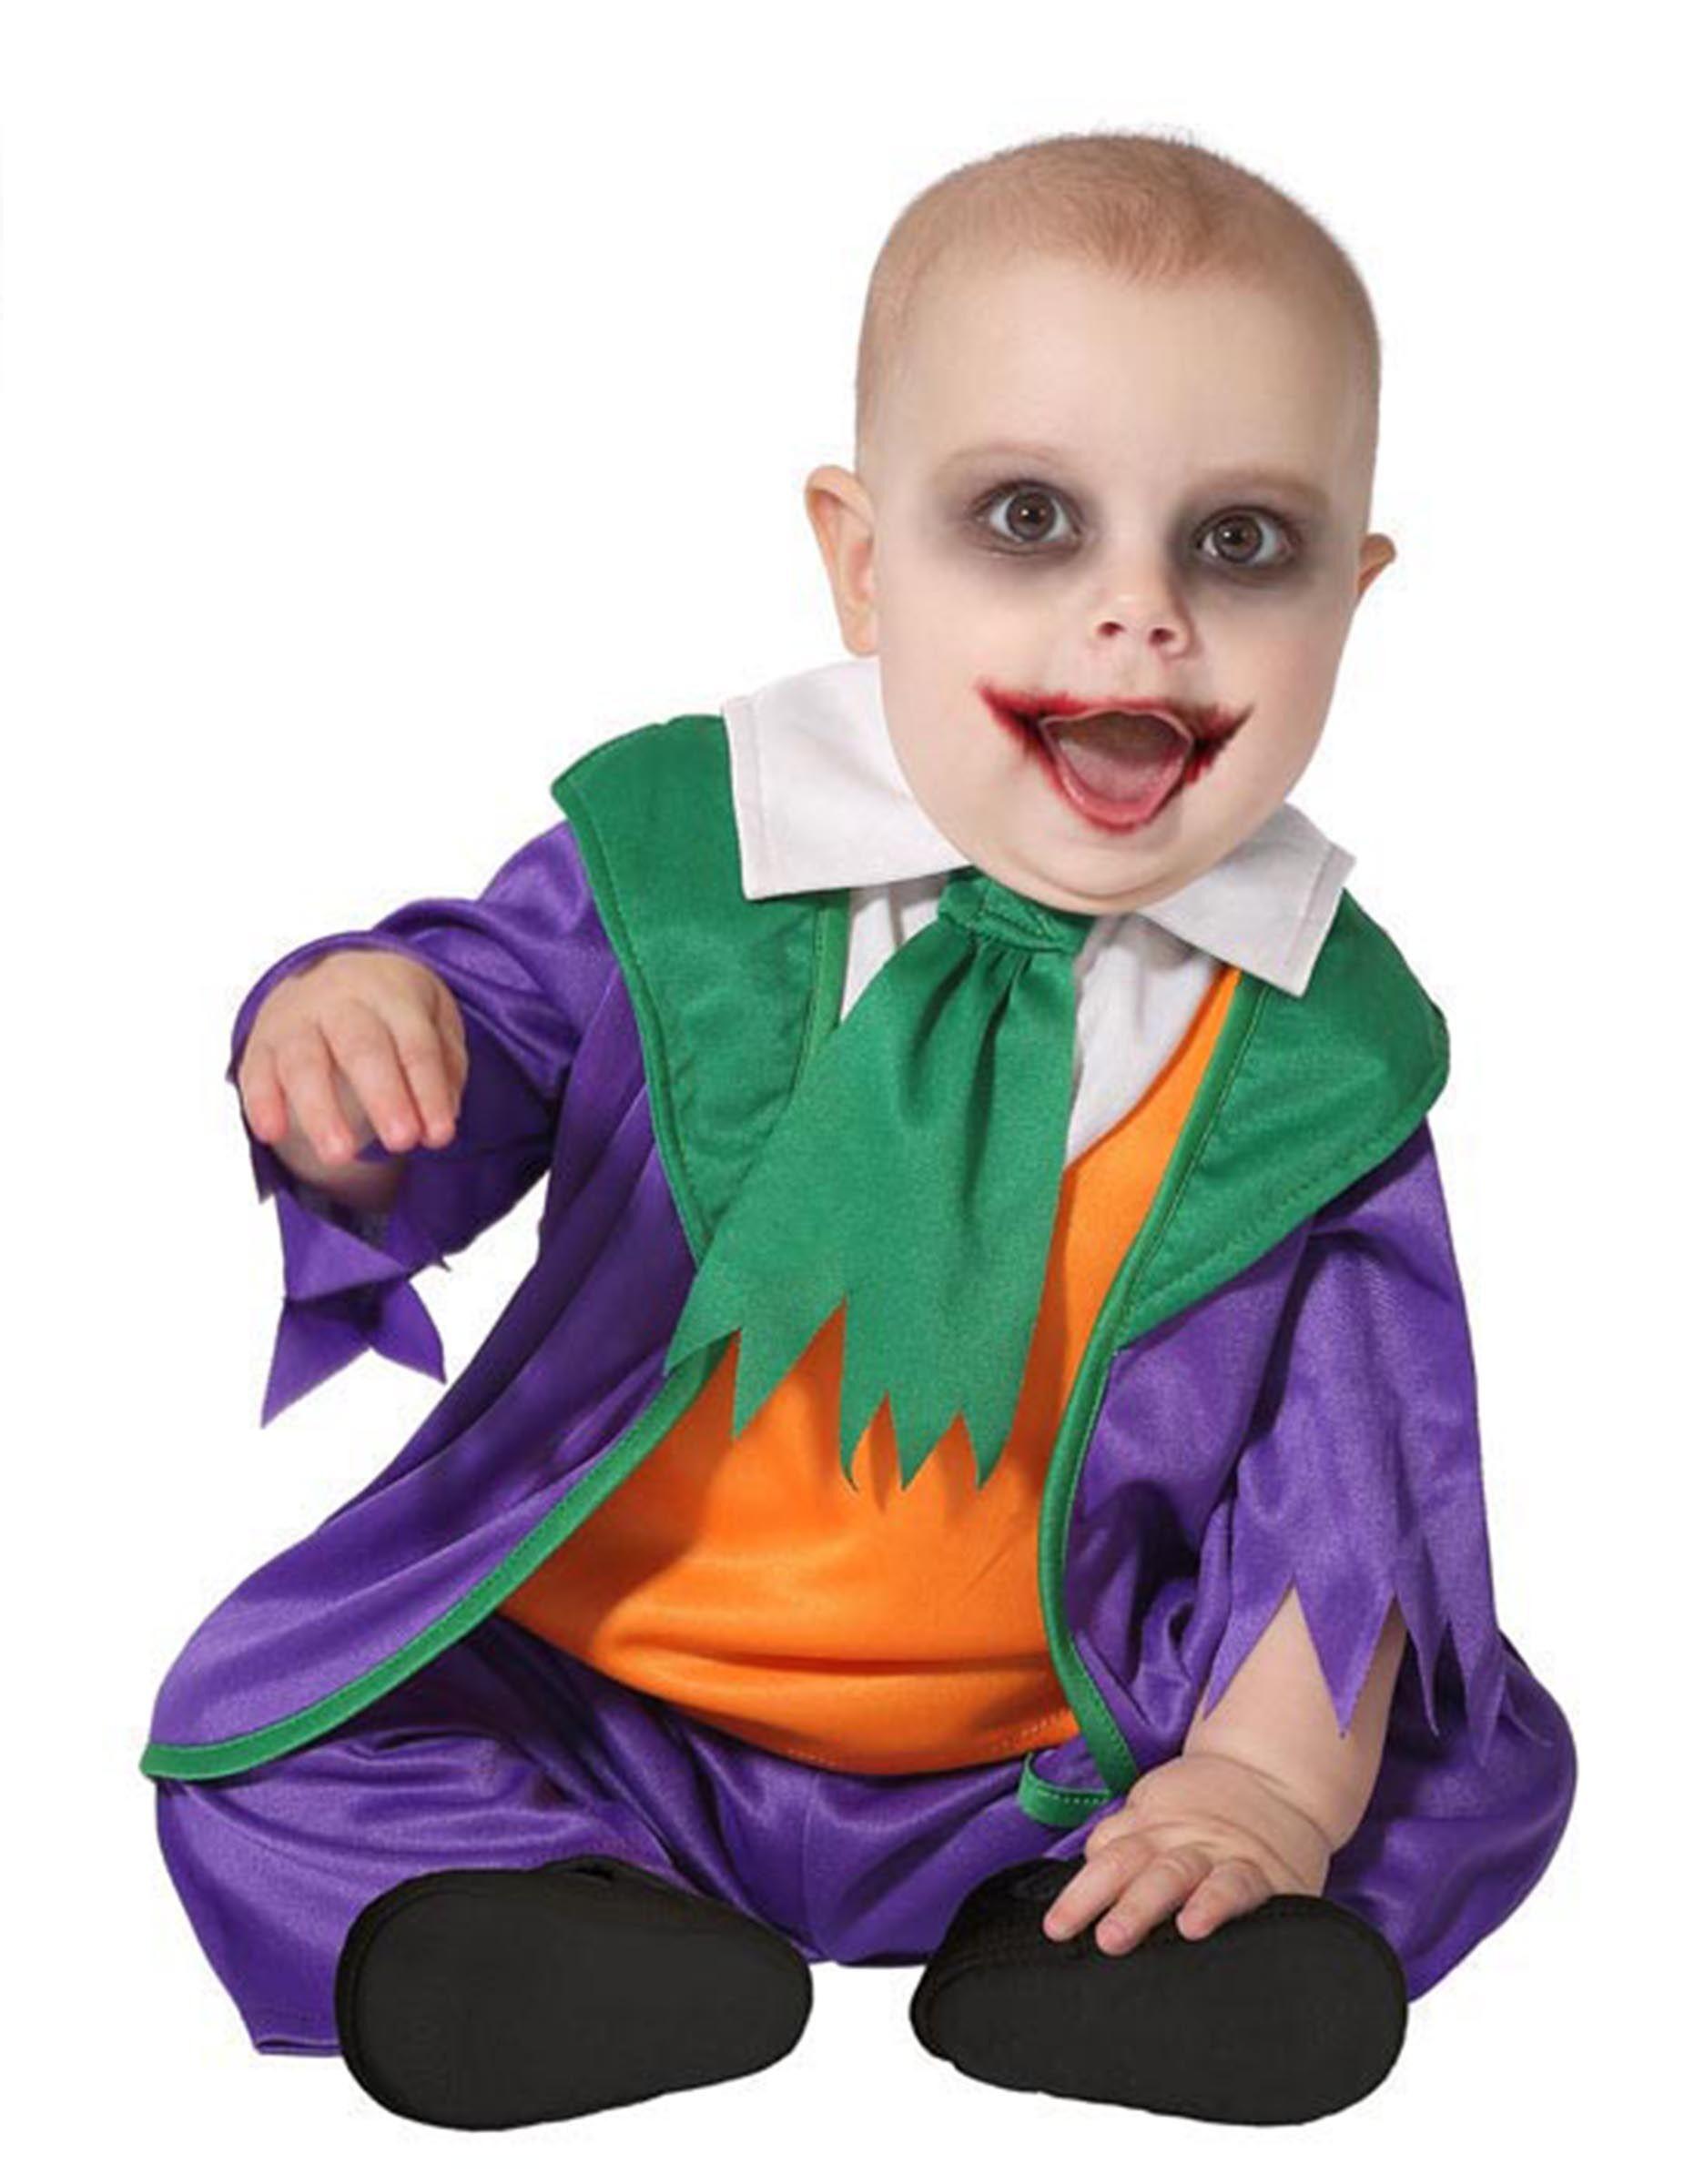 Deguisetoi Déguisement petit clown fou bébé - Taille: 6-12 mois (75 cm)